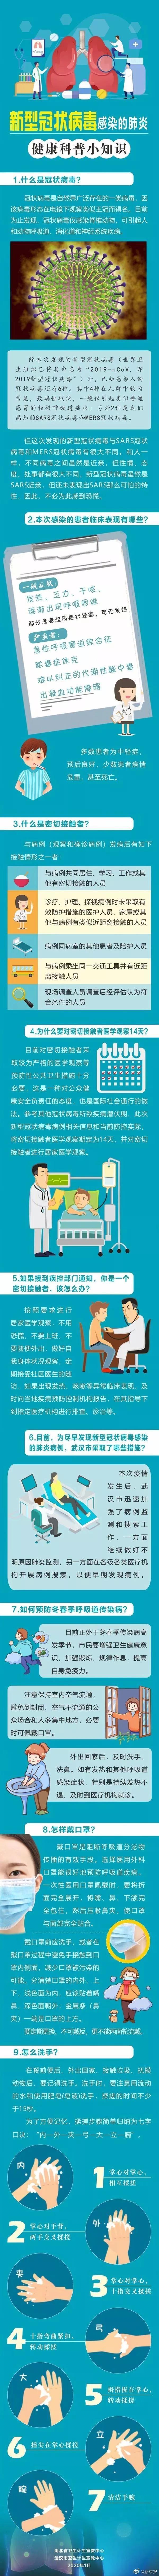 新型冠状病毒感染肺炎的预防知识